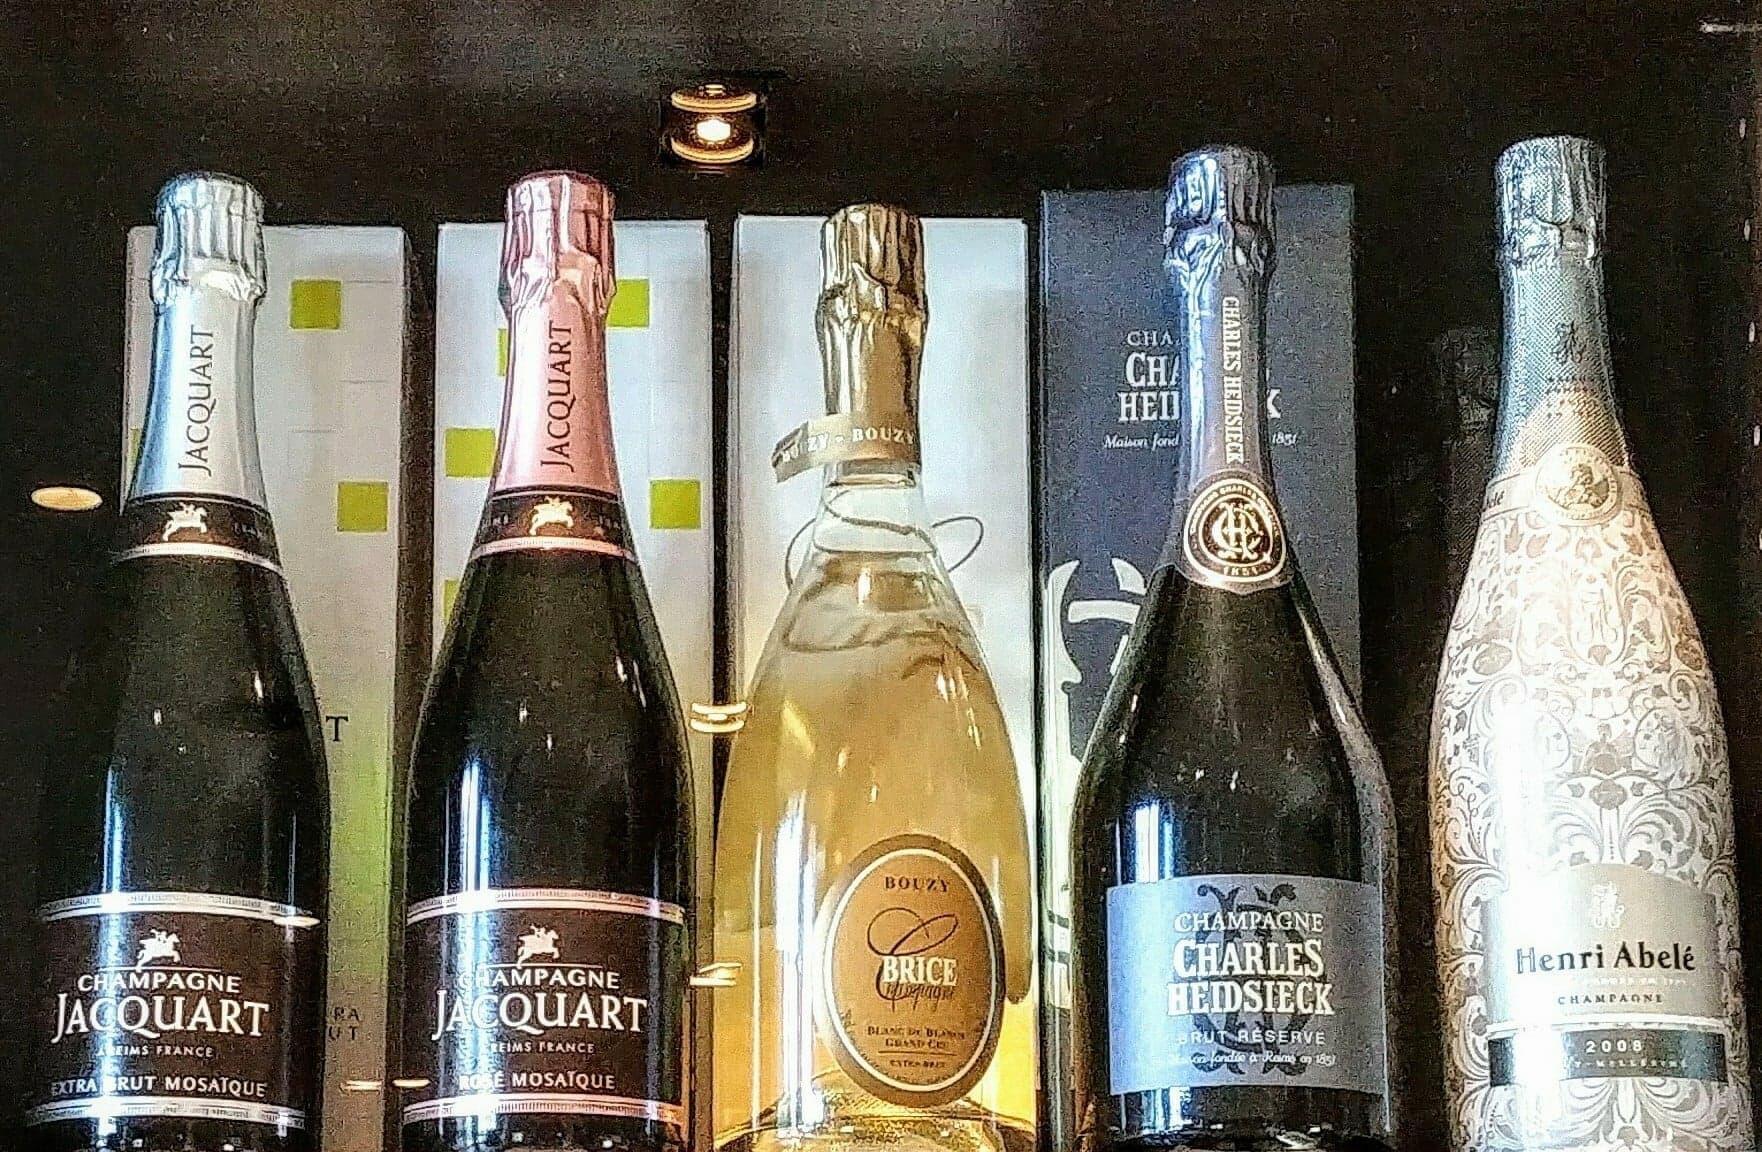 Năm 2013 không tốt đối với rượu Bordeaux nhưng lại là năm thượng hạng của rượu Champagne